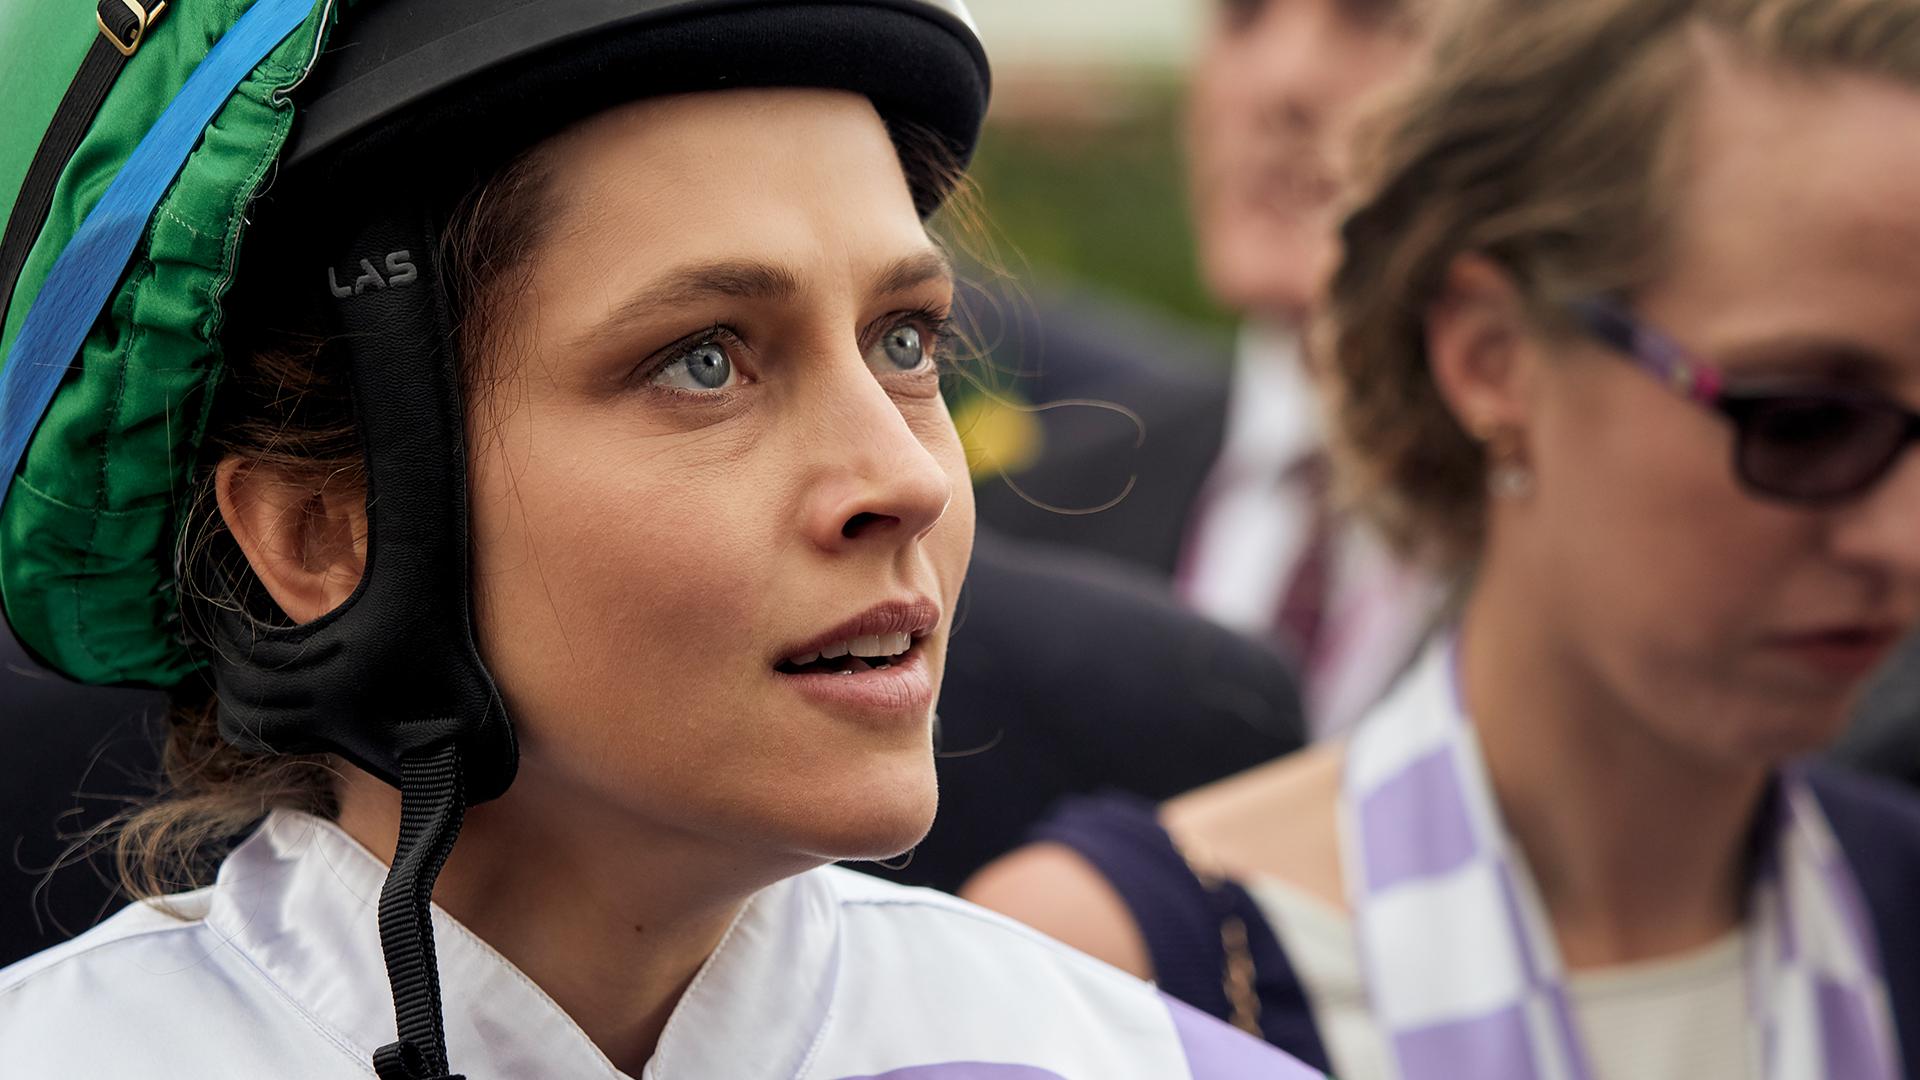 史上初めてメルボルンCを制覇した女性騎手の半生。映画『ライド・ライク・ア・ガール』